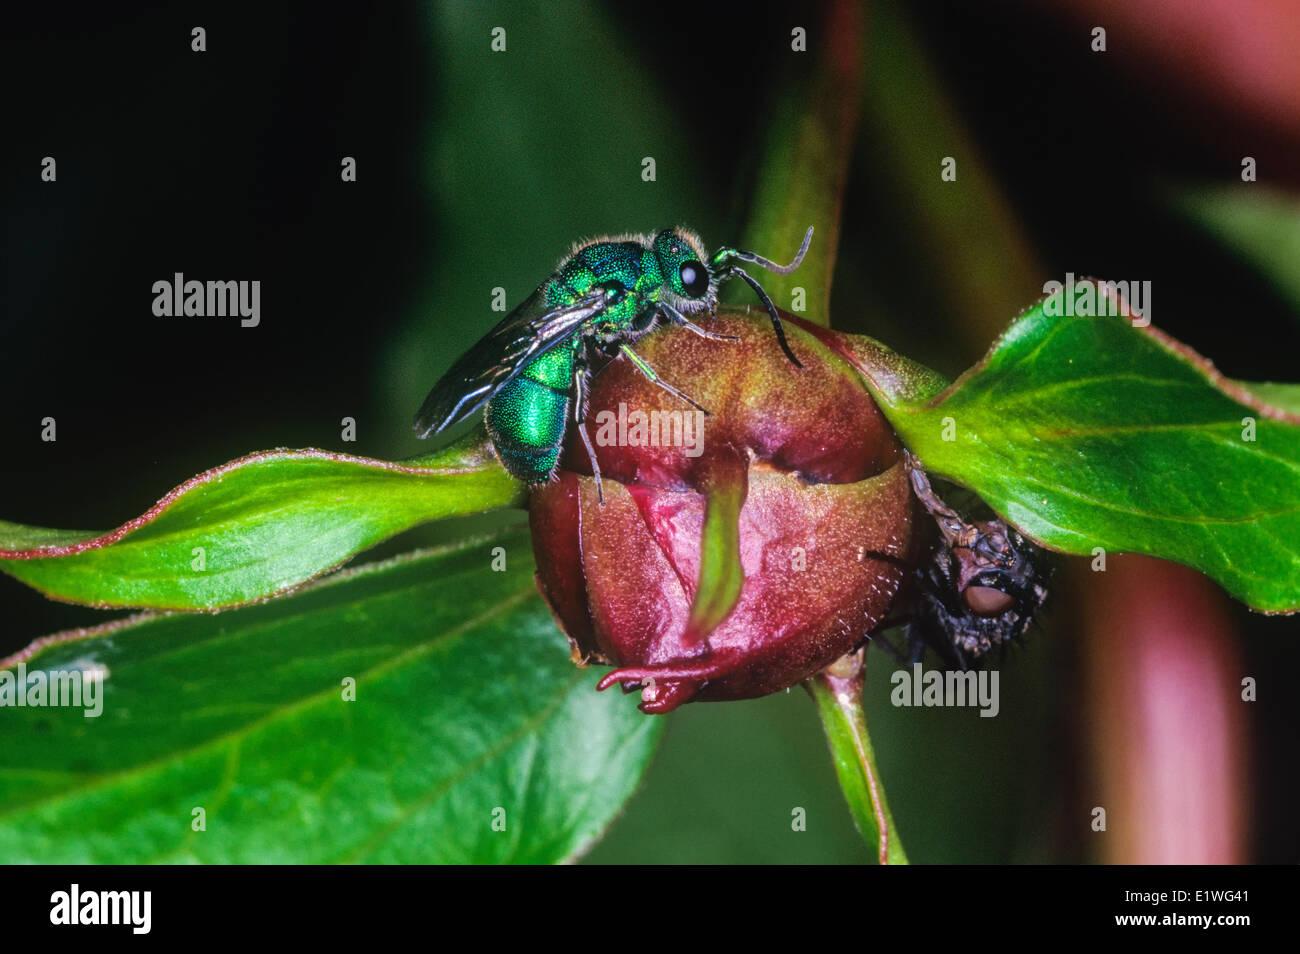 Green Metallic Bee - Stock Image